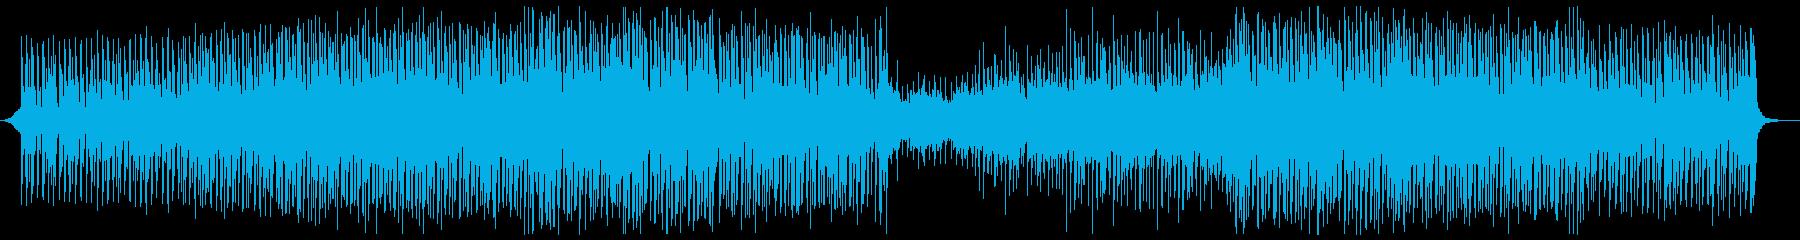 アジアン風のゆったりトロピカルハウスの再生済みの波形